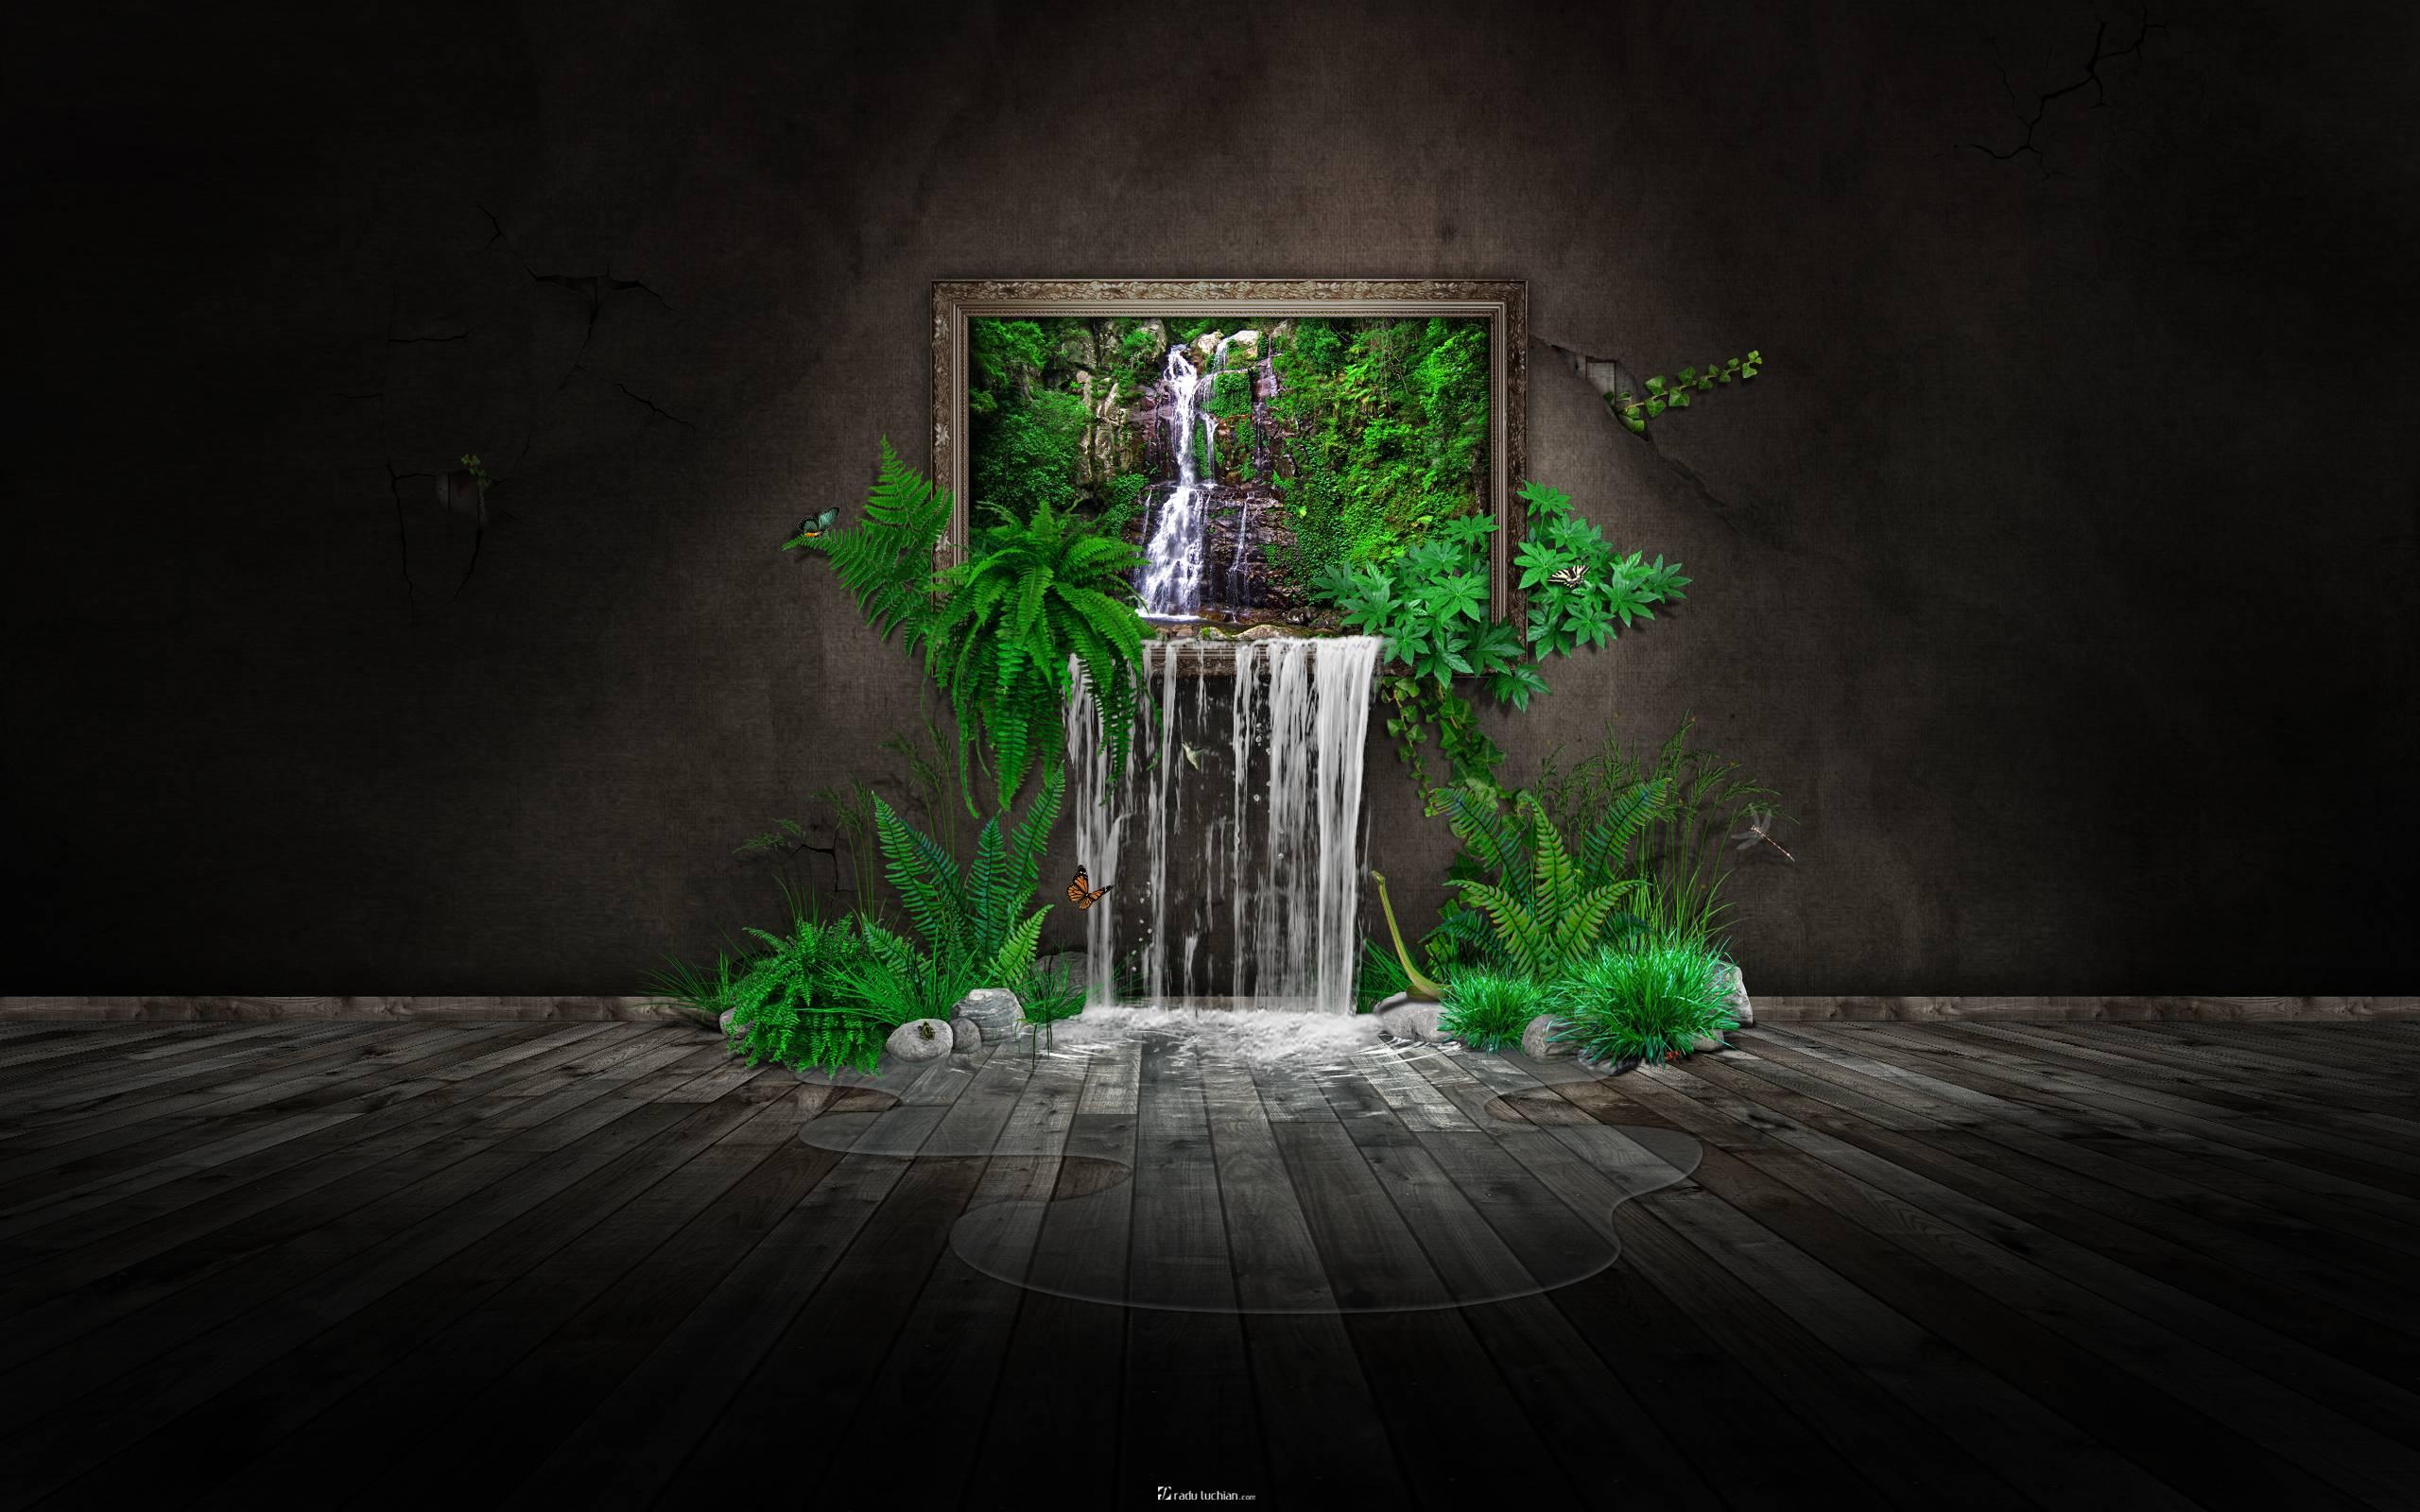 Surreal Wallpaper 1080p - WallpaperSafari